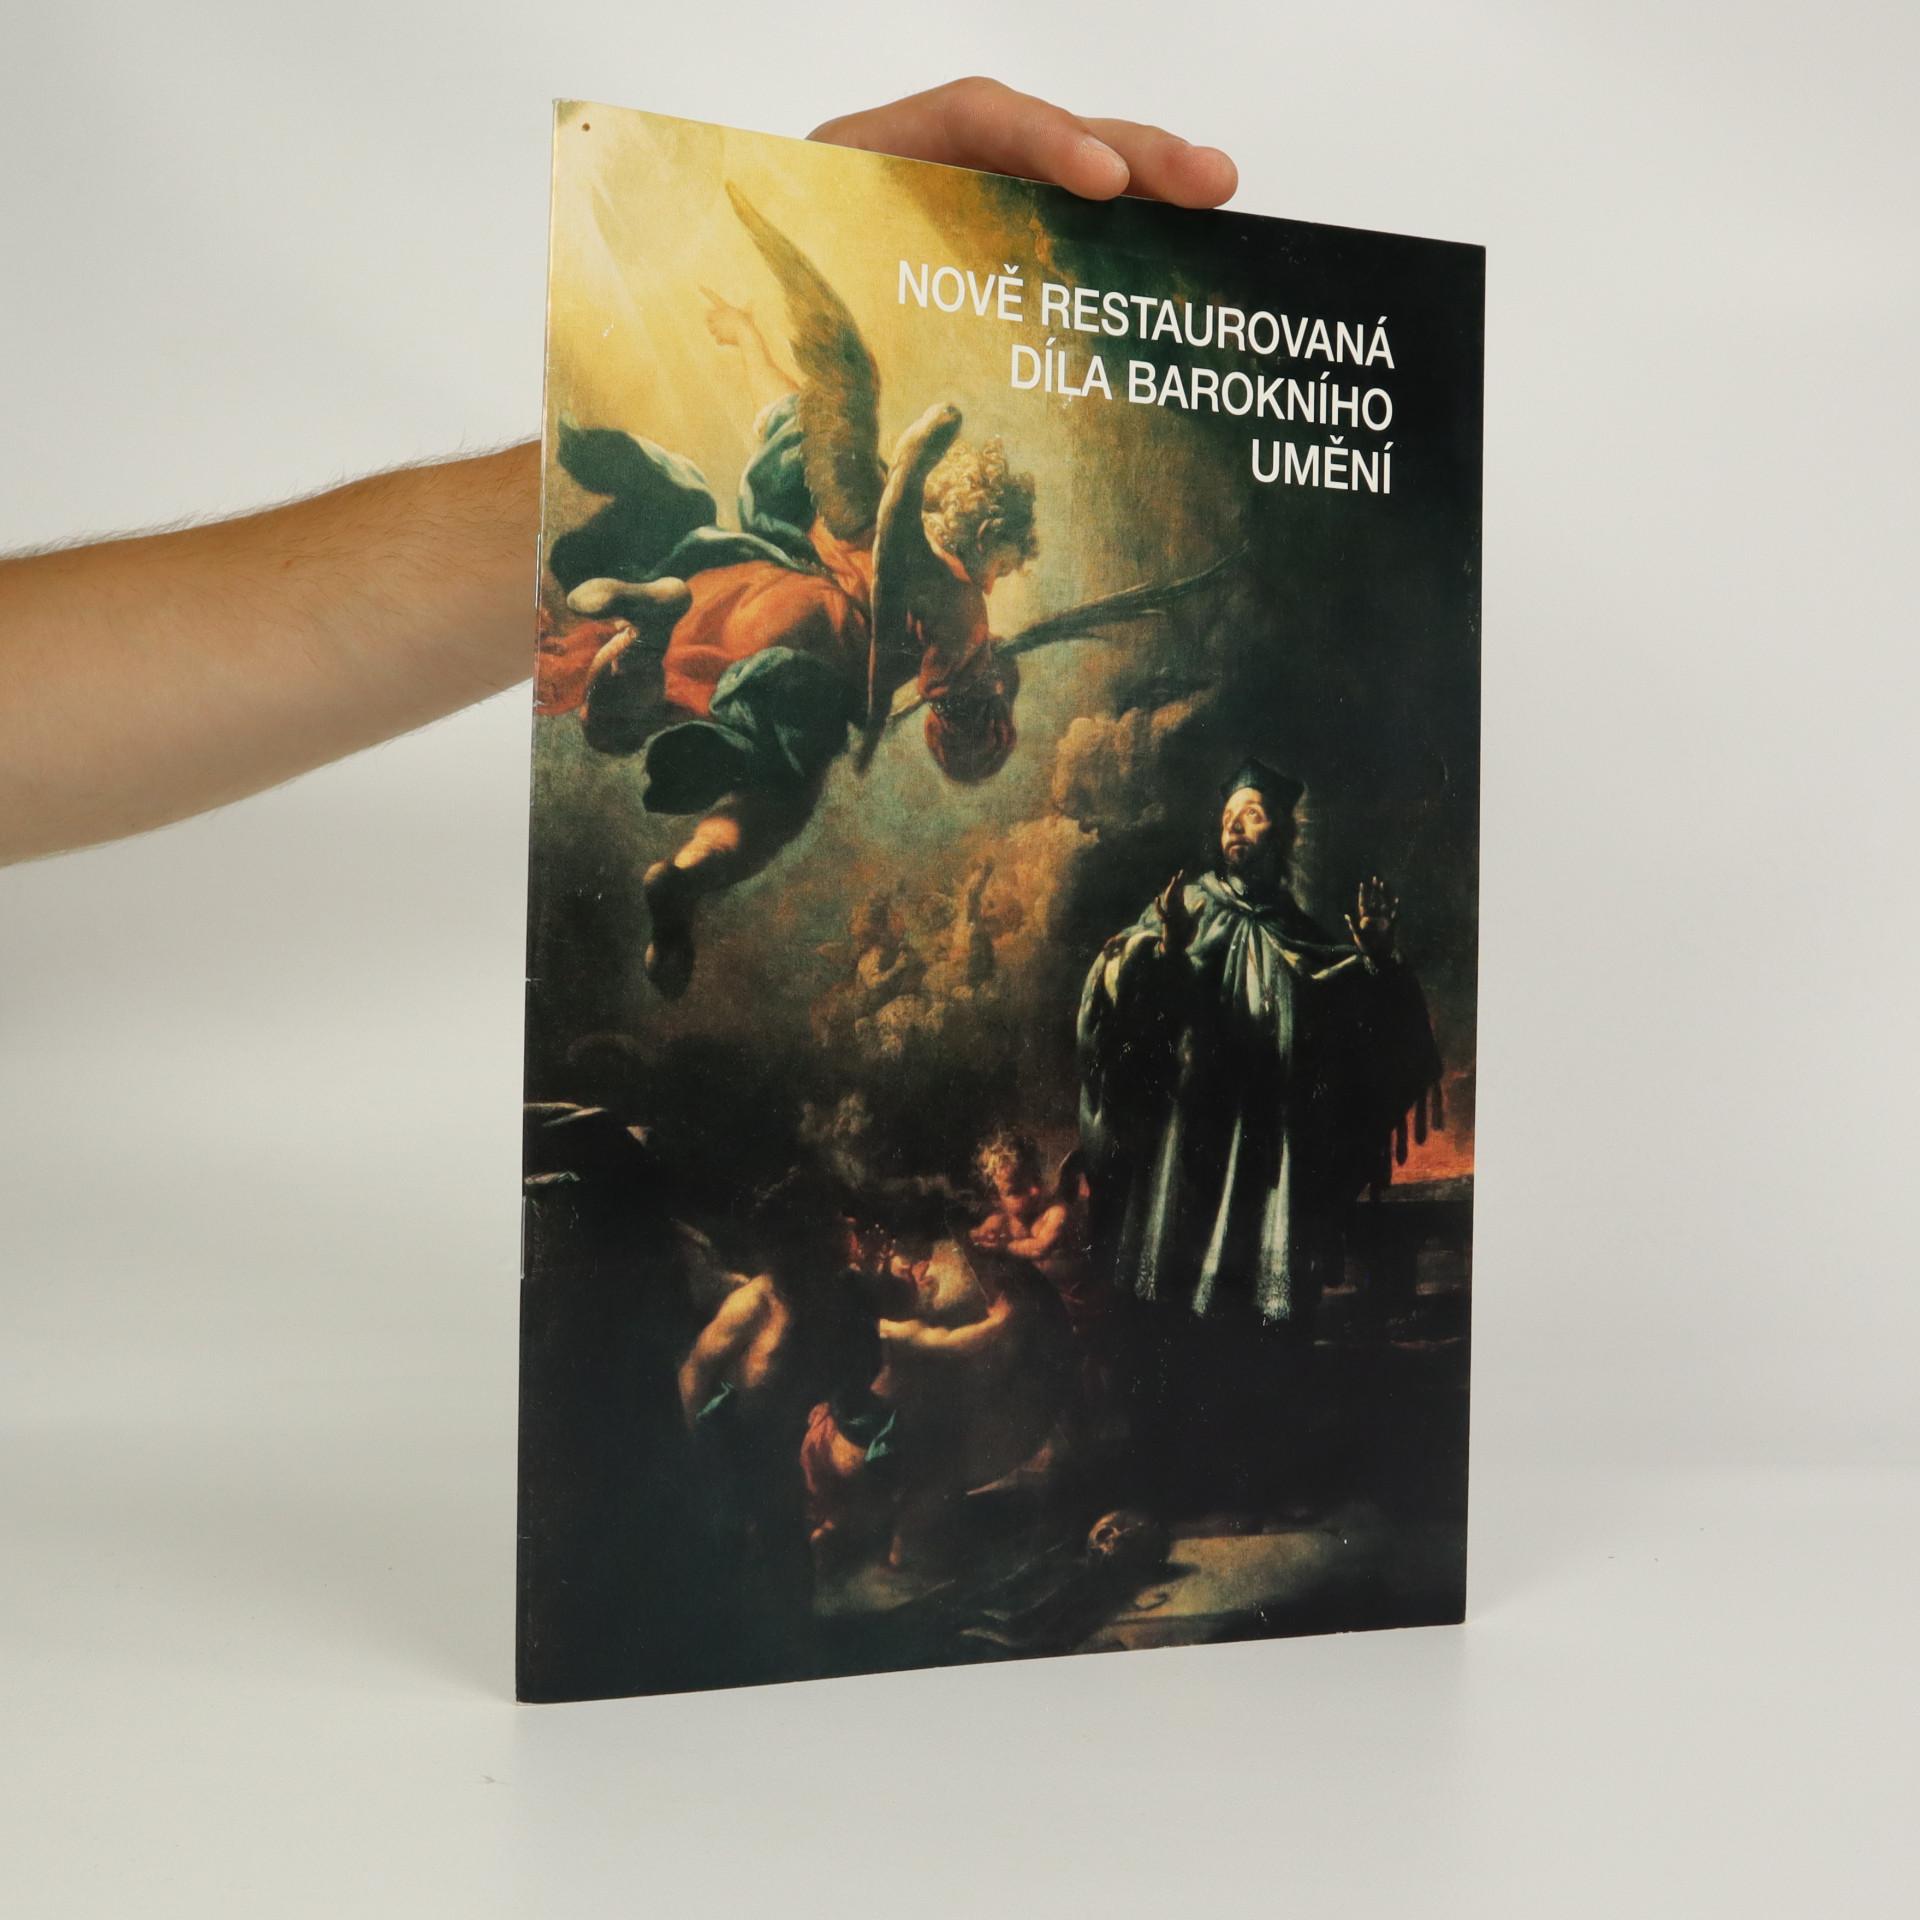 antikvární kniha Nově restaurovaná díla barokního umění, neuveden